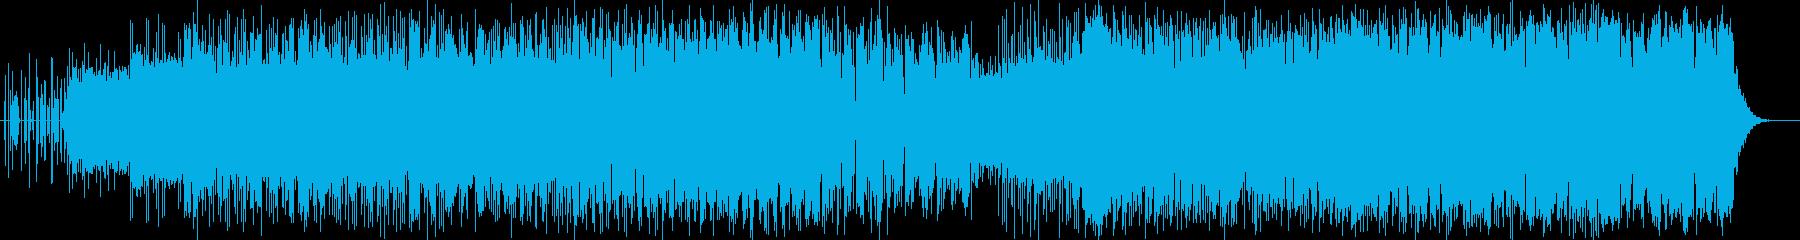 フルートで奏でるオリオン座リゲル_神話の再生済みの波形